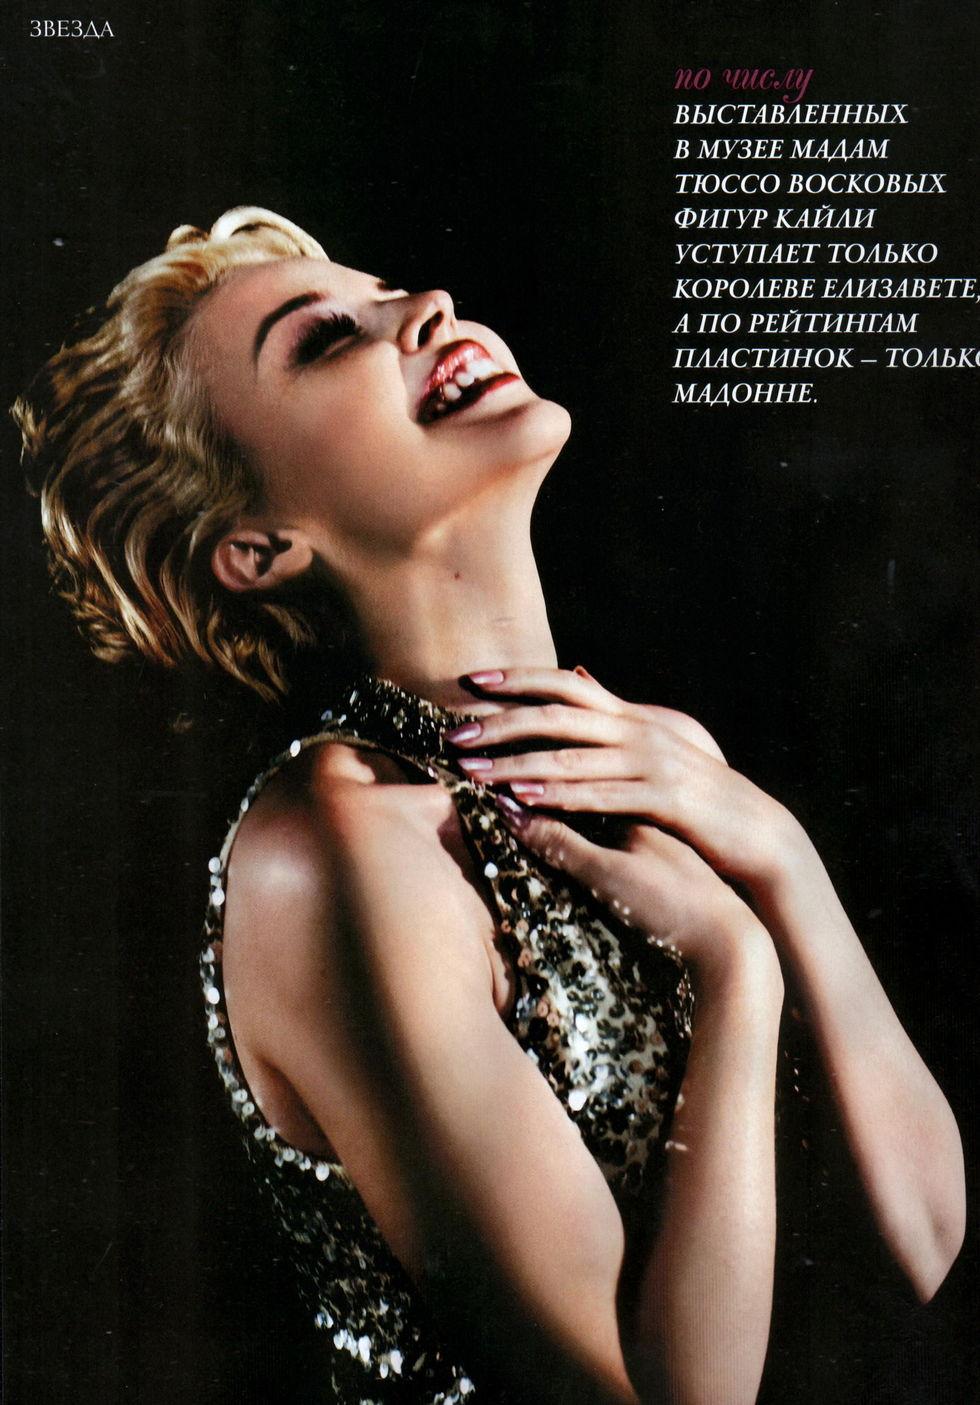 kylie-minogue-gala-magazine-russia-may-2008-01